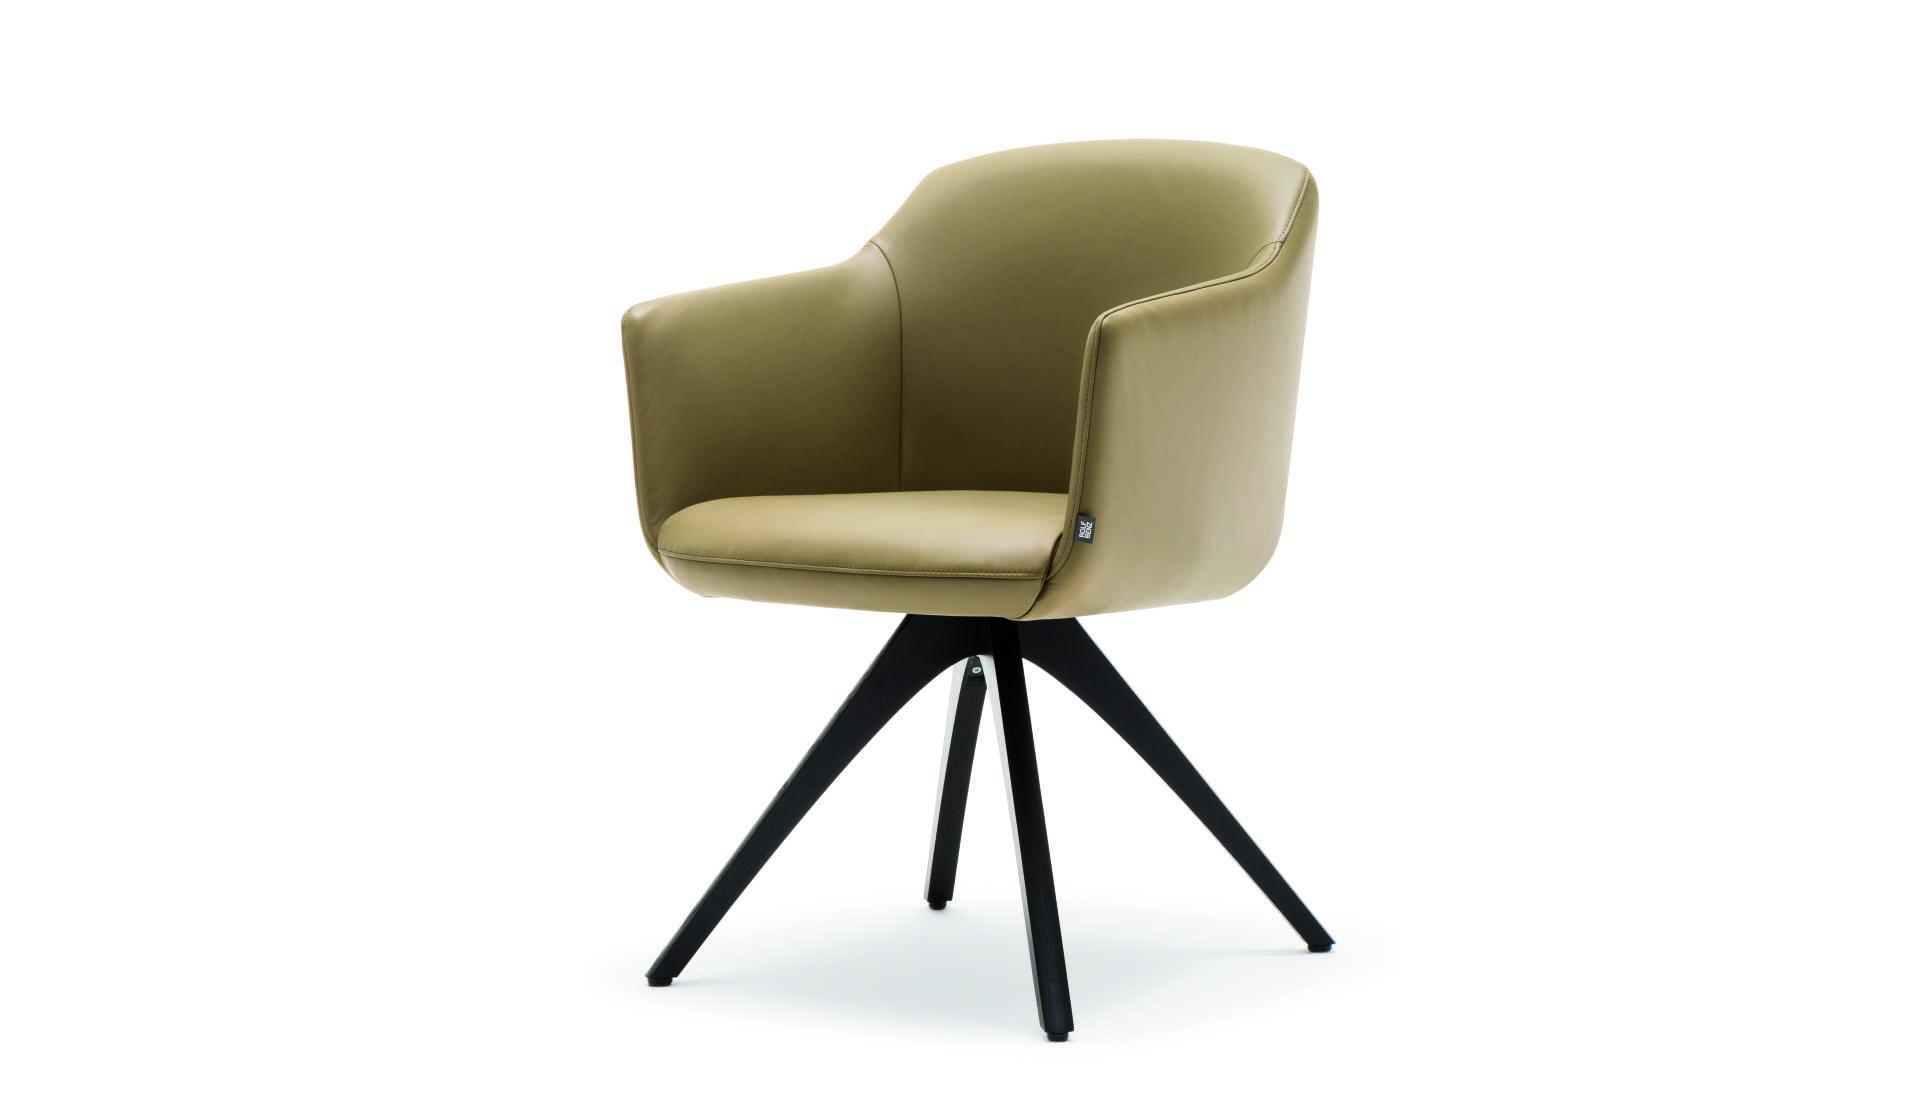 rolf benz 640. Black Bedroom Furniture Sets. Home Design Ideas